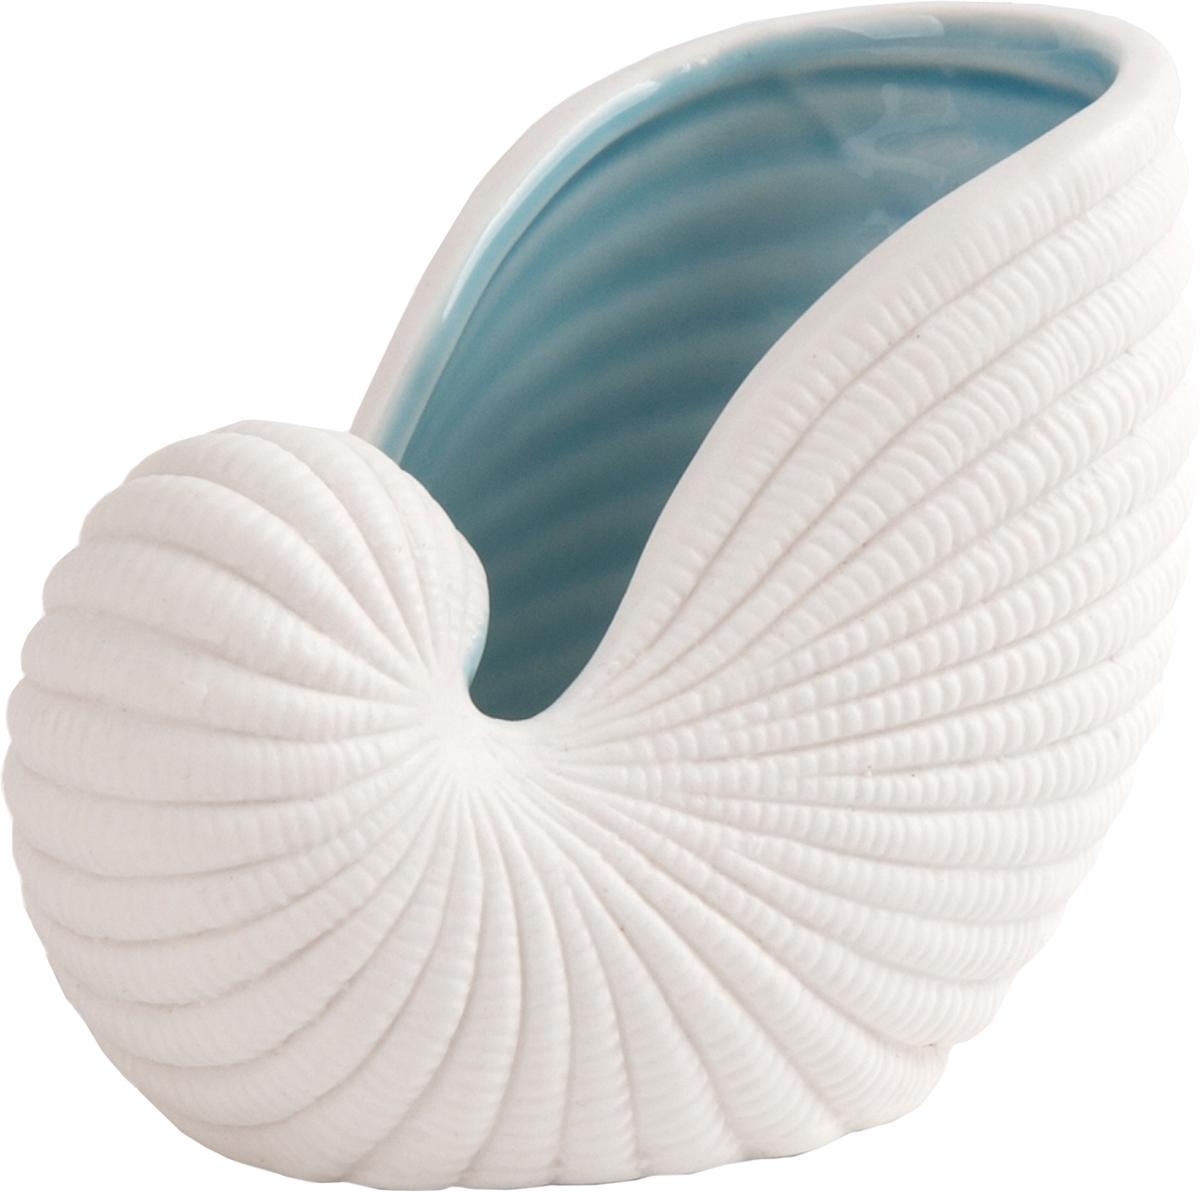 Тарелка декоративная Magic Home, цвет: белый, голубой, 10,7 х 6,8 х 8,5 см76608Декоративная тарелочка из фарфора от Magic Home - это это прекрасный вариант подарка для ваших друзей и близких. Оригинальная и стильная тарелочка станет отличным дополнением в интерьере любой комнаты и будет удачно смотреться и радовать глаз.